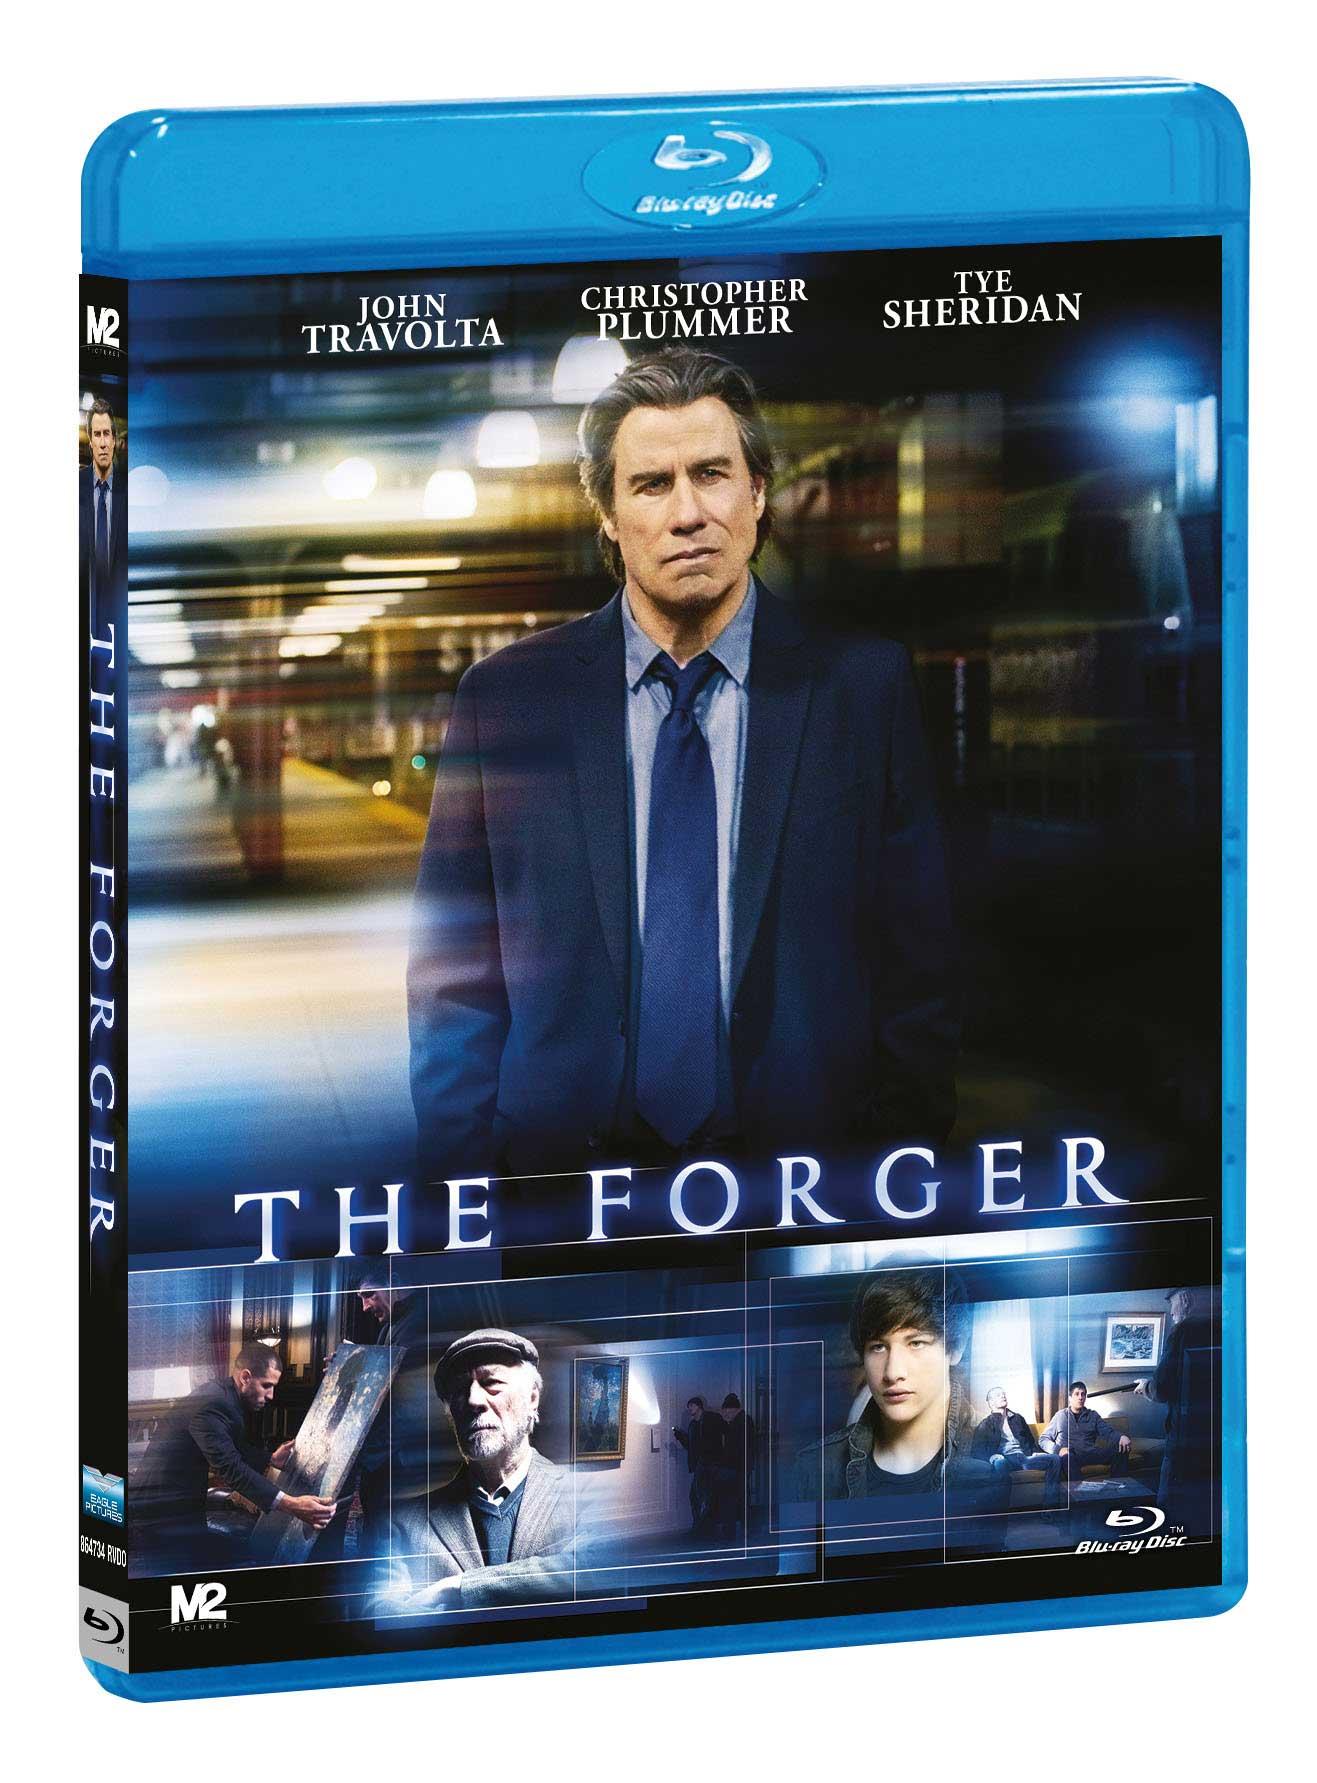 THE FORGER - IL FALSARIO - BLU RAY